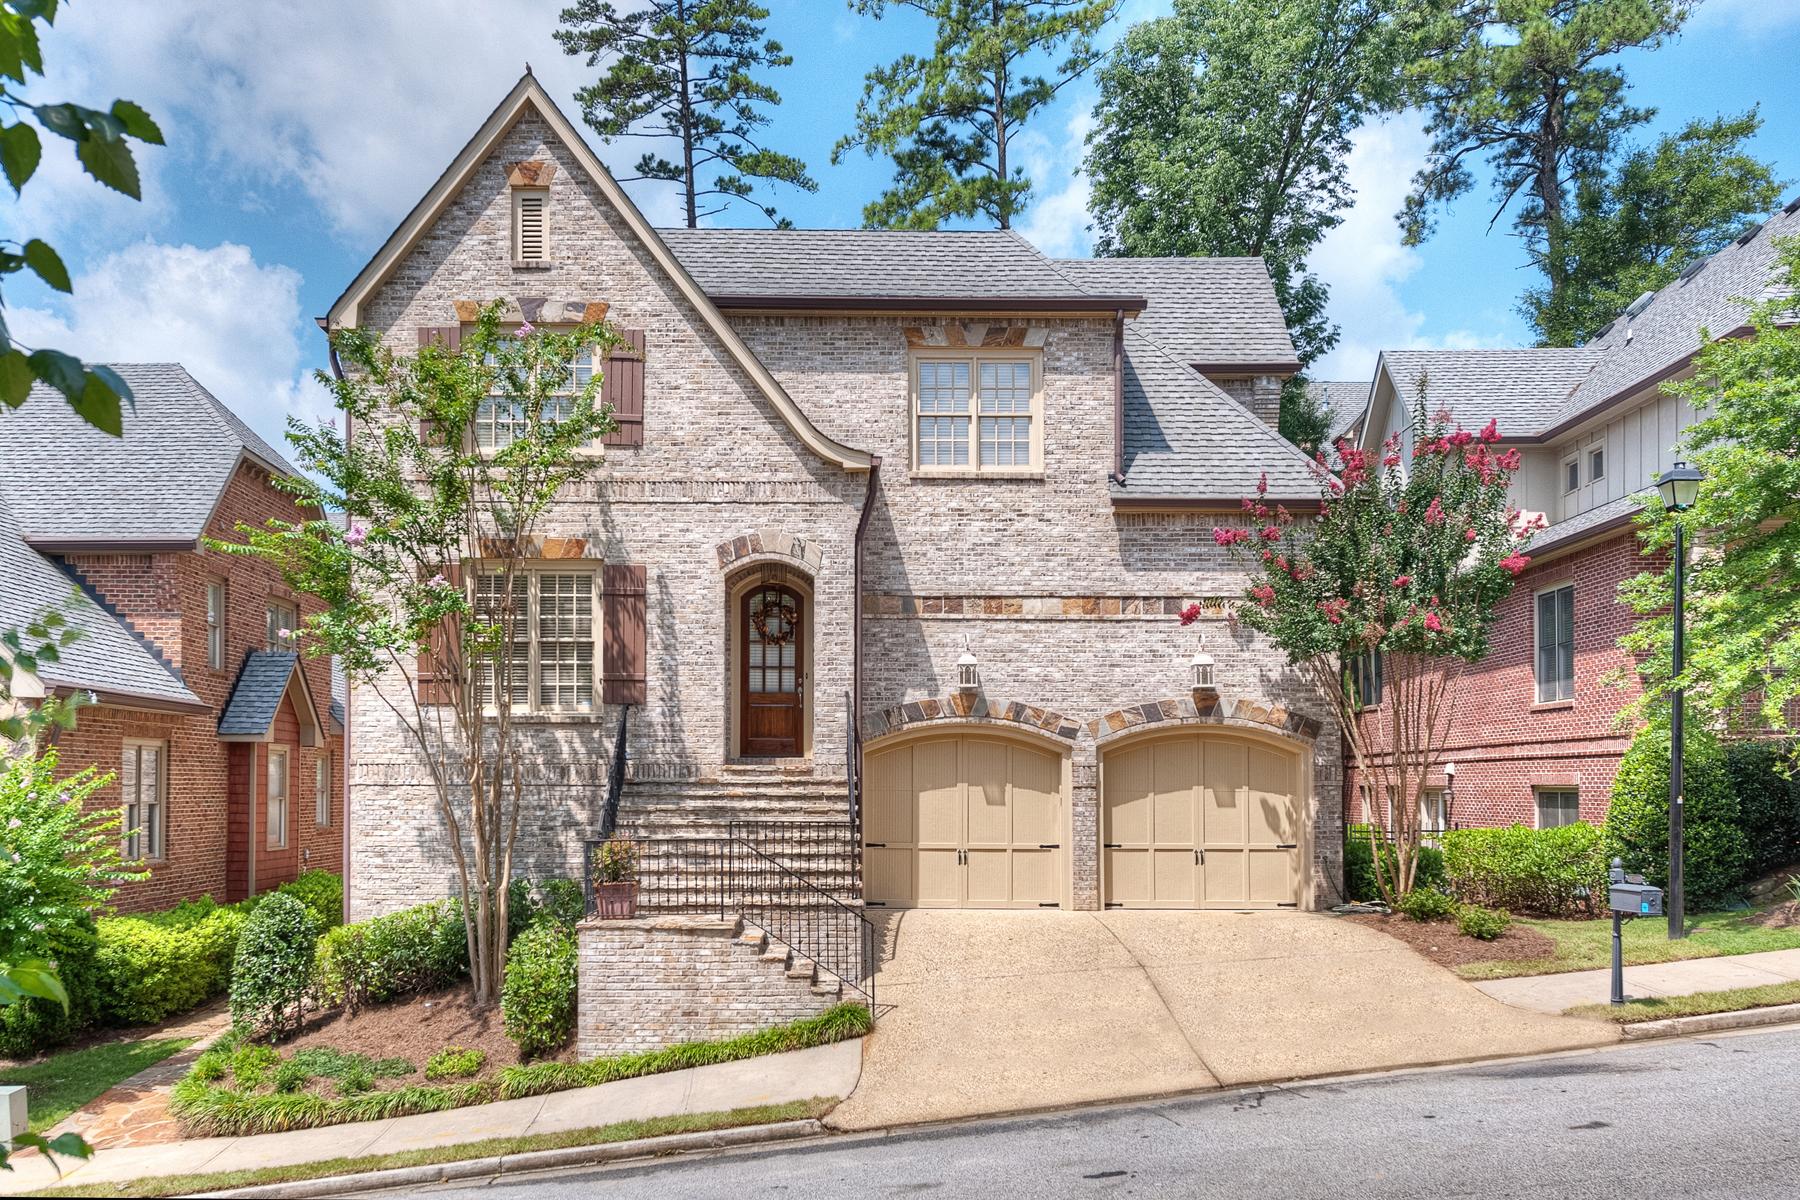 獨棟家庭住宅 為 出租 在 Upscale Brookhaven Home Available for Lease 1780 Buckhead Valley Lane NE Brookhaven, 喬治亞州 30324 美國